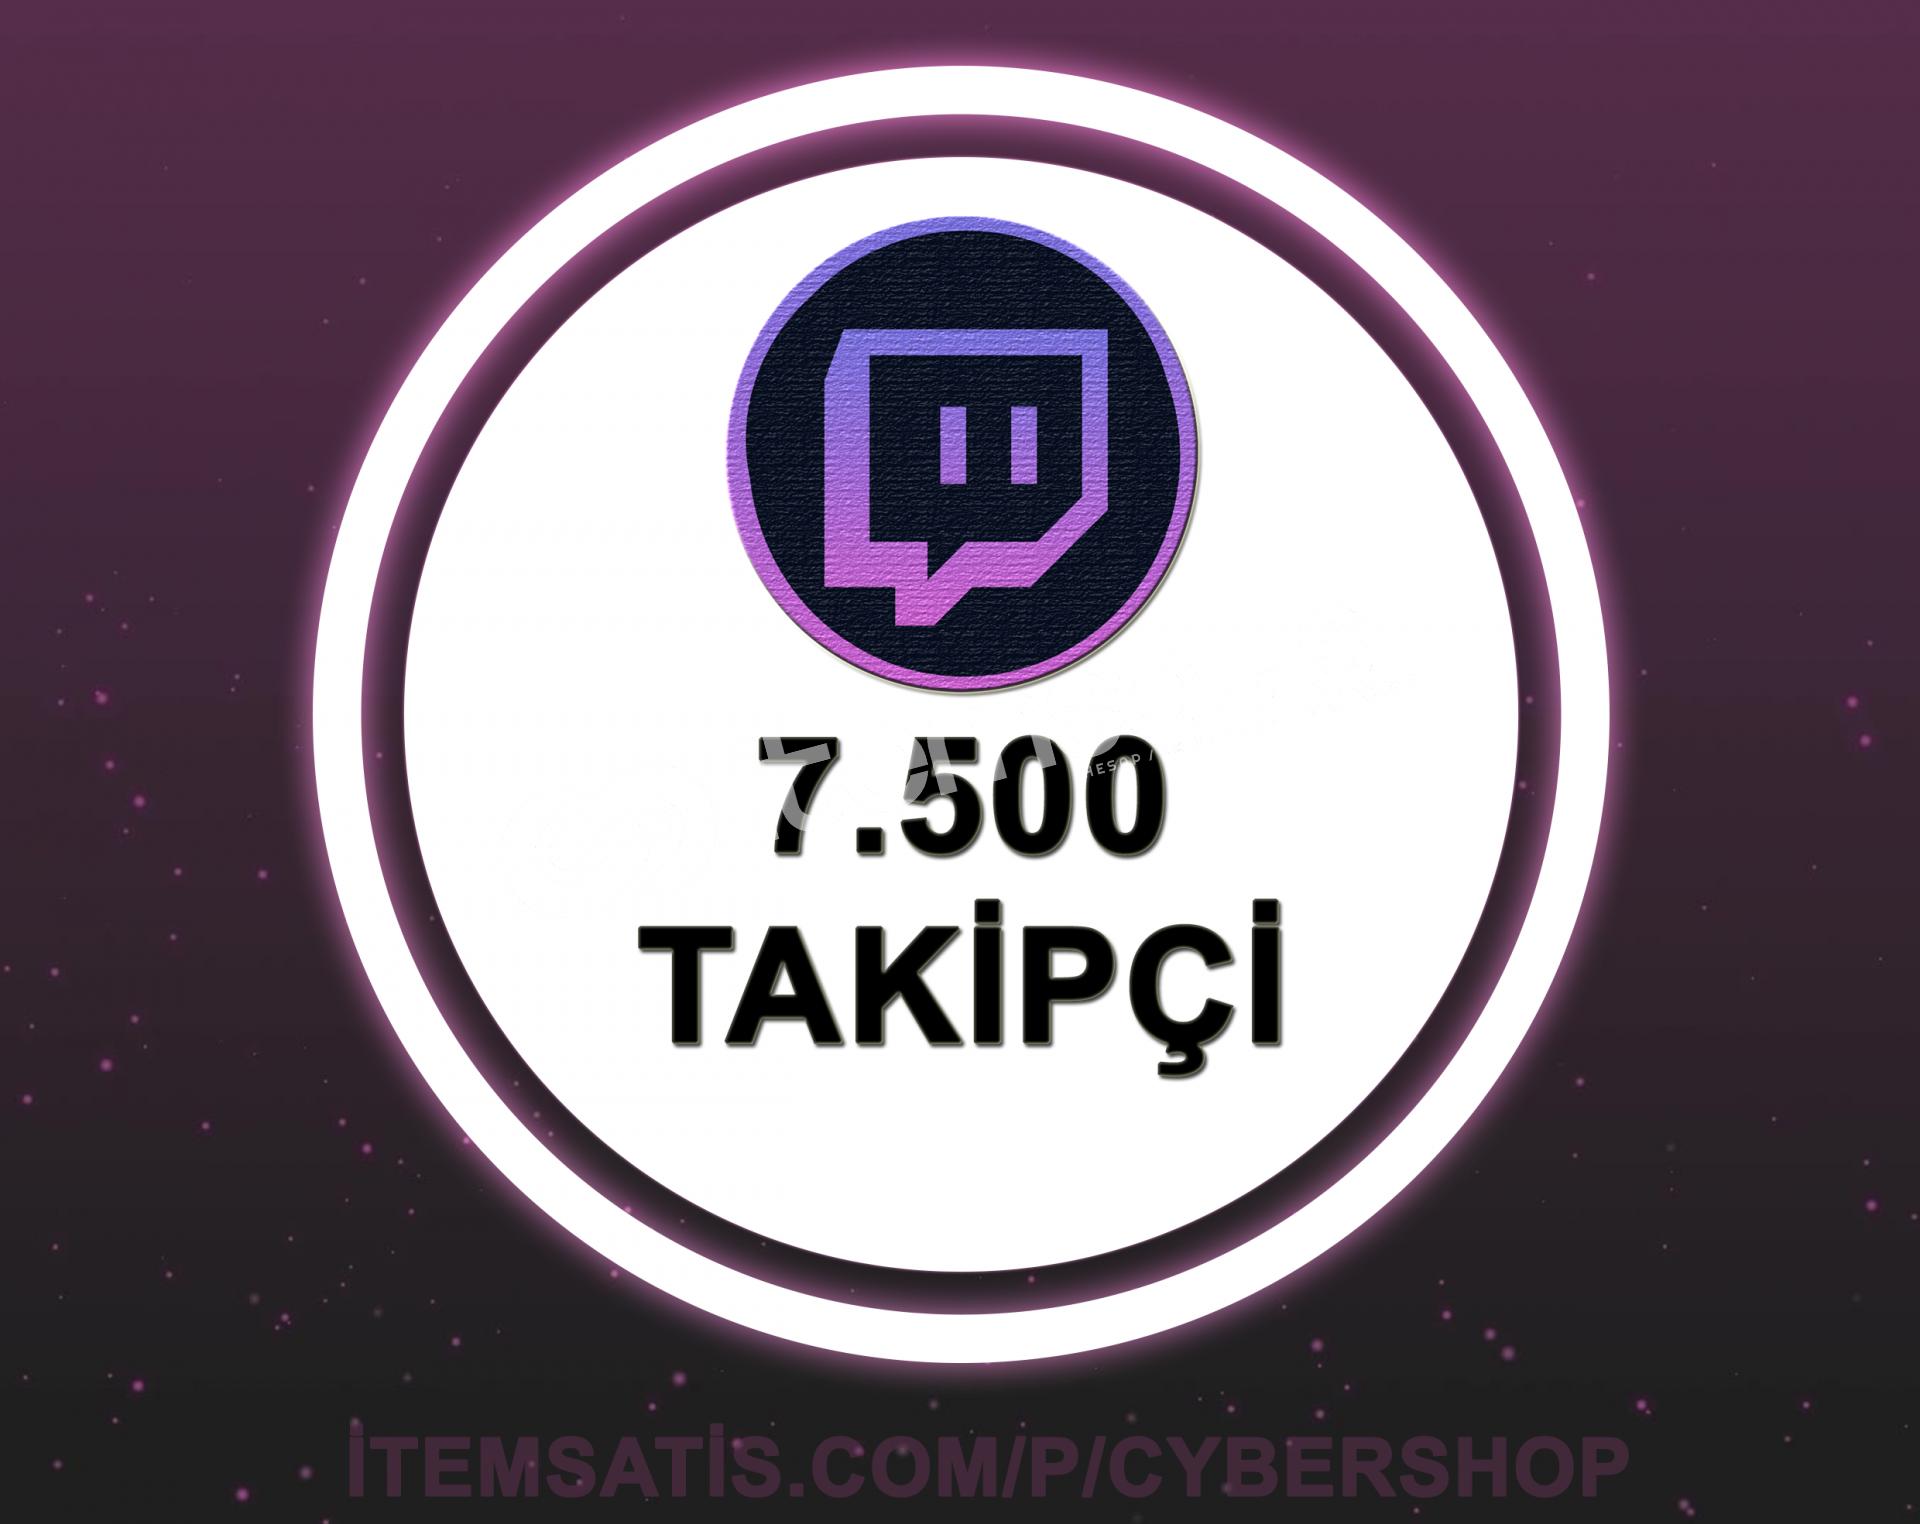 Twitch 7.500 Takipçi (30 Gün Garantili + Hızlı Teslimat)